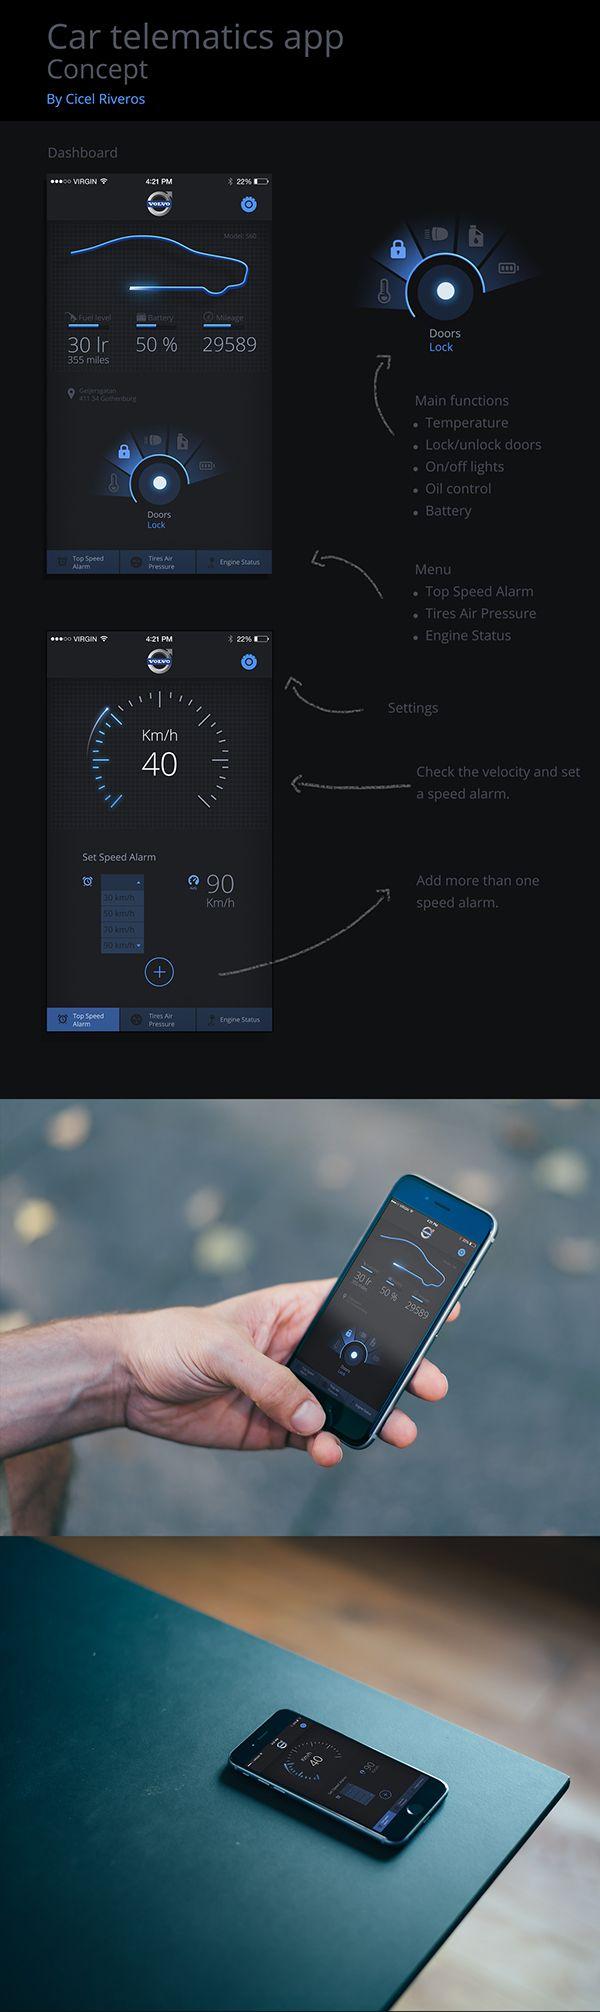 Ui design and concept for Telematics app.